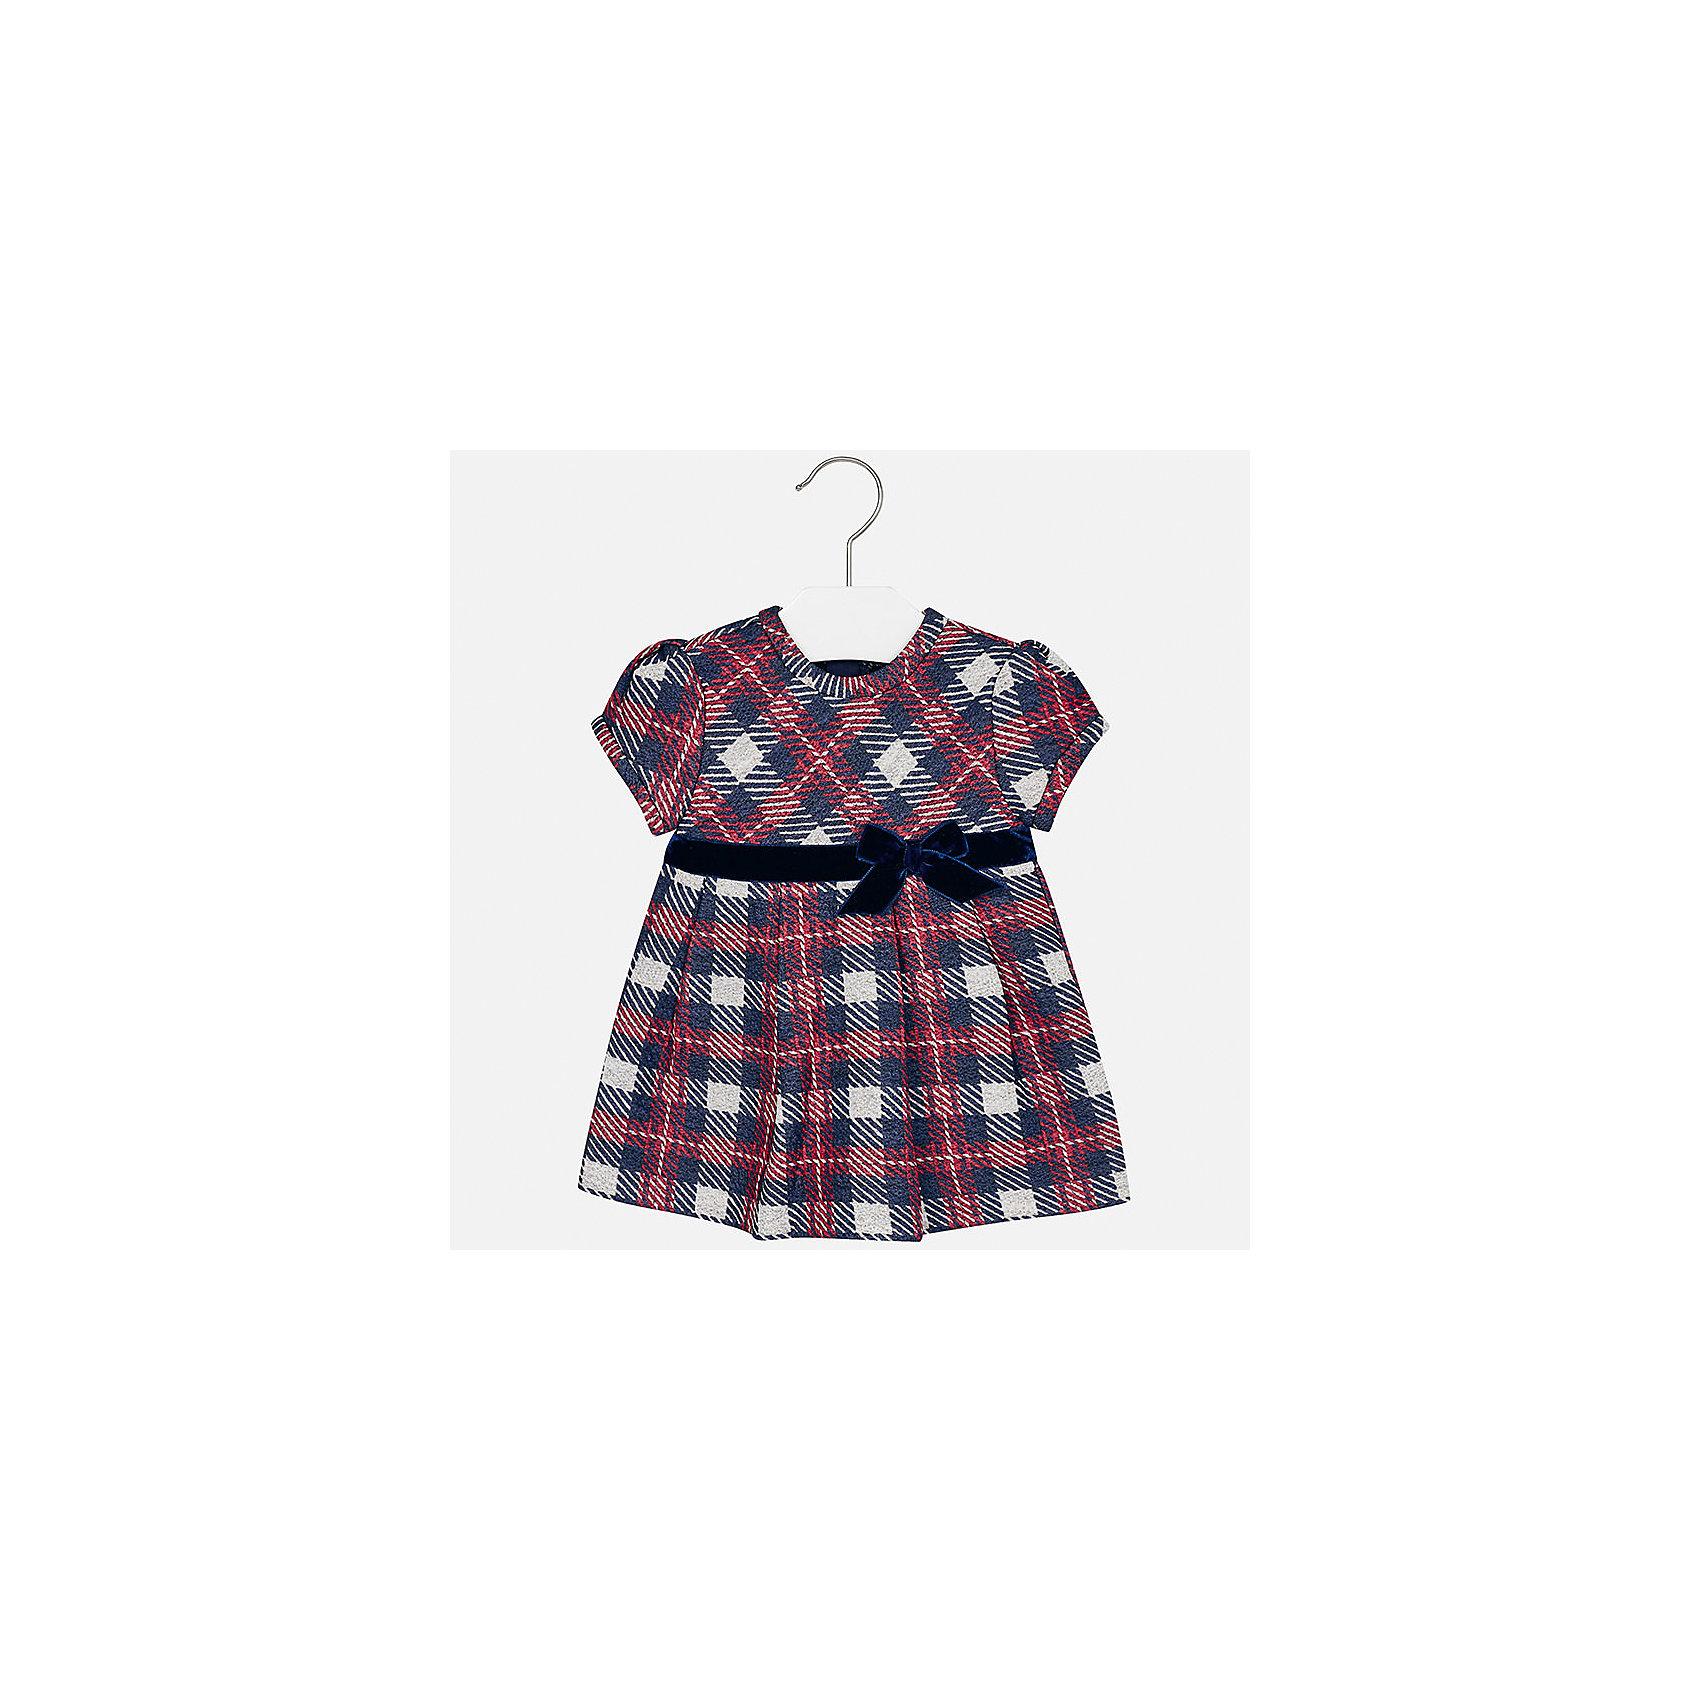 Платье Mayoral для девочкиПлатья<br>Характеристики товара:<br><br>• цвет: синий<br>• состав ткани: 85% хлопок, 15% полиэстер<br>• сезон: демисезон<br>• особенности: бант<br>• застежка: молния<br>• короткие рукава<br>• страна бренда: Испания<br>• страна изготовитель: Индия<br><br>Клетчатое платье для девочки от Майорал подарит ребенку комфорт. В симпатичном платье для девочки от Майорал ребенок будет выглядеть модно, а чувствовать себя - комфортно. Детское платье отличается модным и продуманным дизайном. <br><br>Платье для девочки Mayoral (Майорал) можно купить в нашем интернет-магазине.<br><br>Ширина мм: 236<br>Глубина мм: 16<br>Высота мм: 184<br>Вес г: 177<br>Цвет: синий<br>Возраст от месяцев: 24<br>Возраст до месяцев: 36<br>Пол: Женский<br>Возраст: Детский<br>Размер: 98,74,80,86,92<br>SKU: 6920747